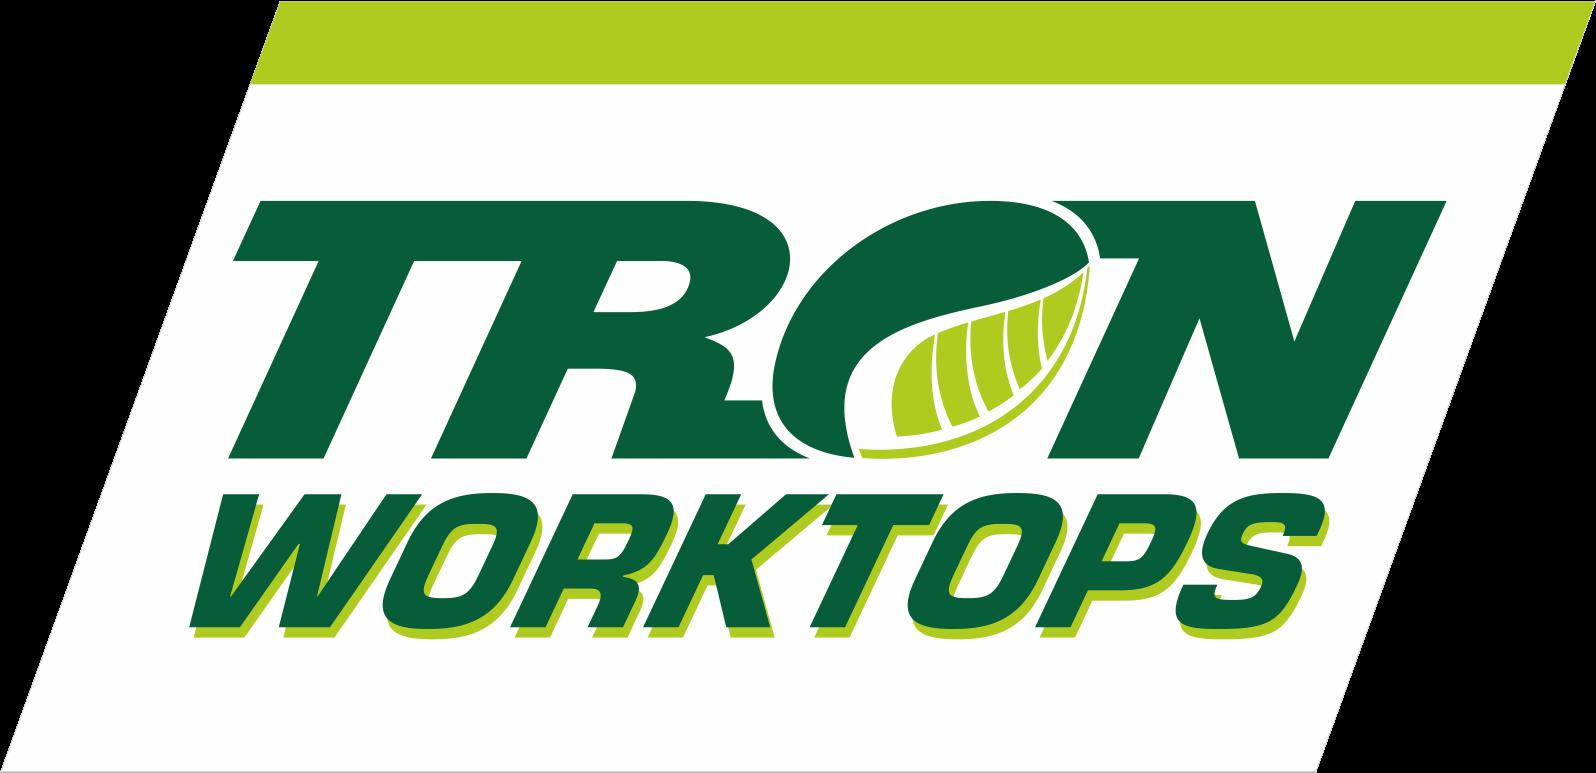 Tron-Worktops